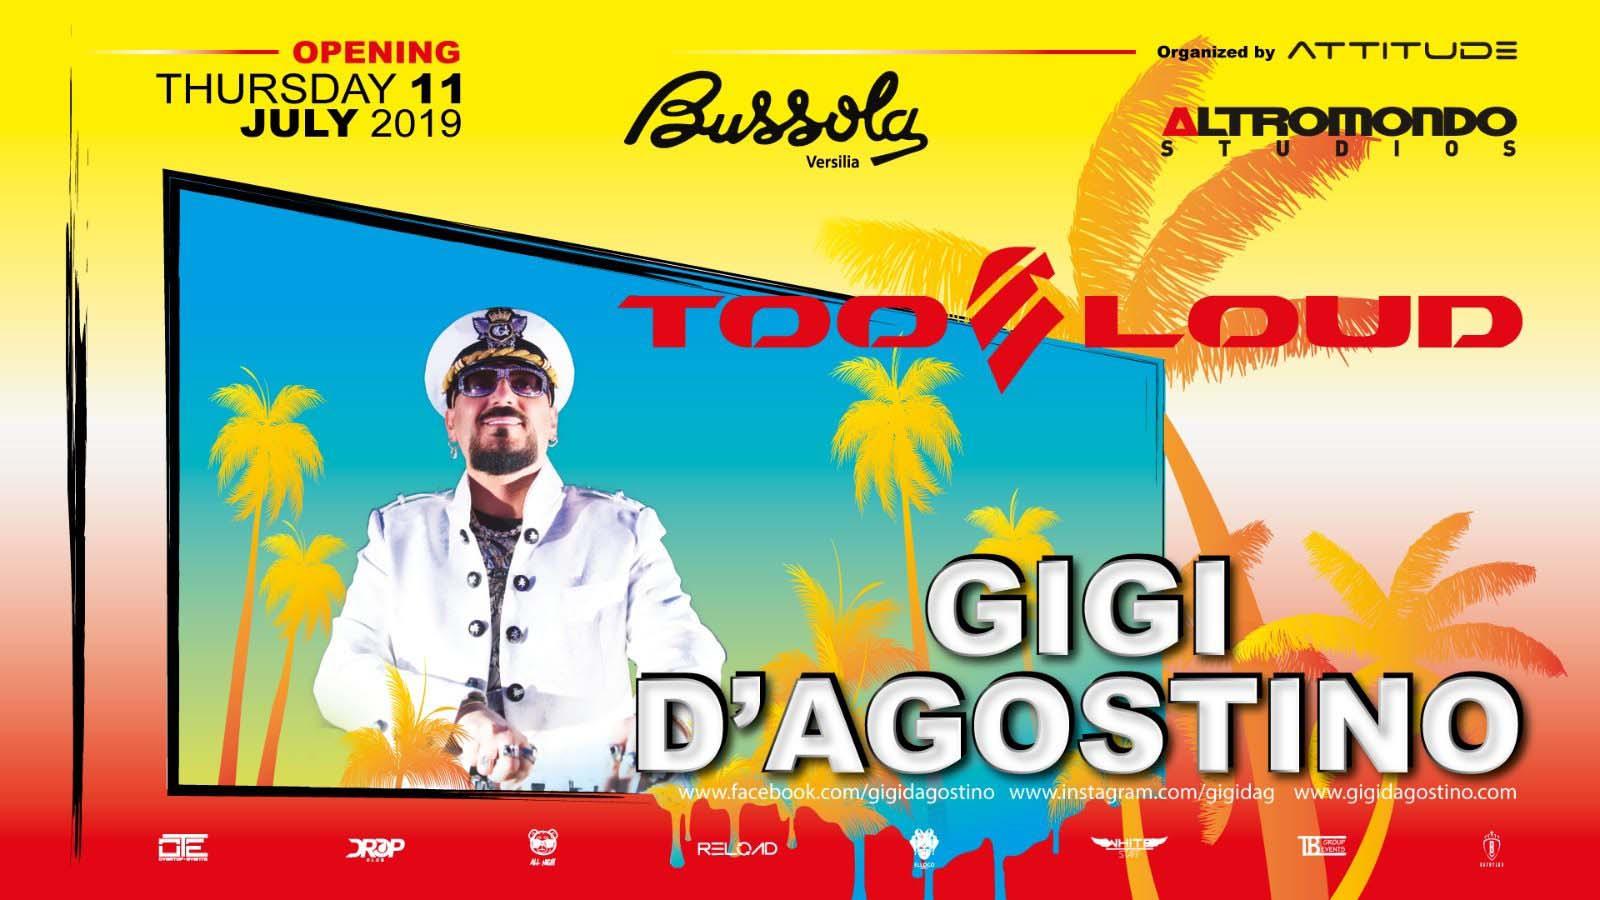 Bussola Versilia pres Gigi D'Agostino – Giovedì 11 Luglio 2019 – Ticket – Biglietti 18App e Pacchetti Hotel